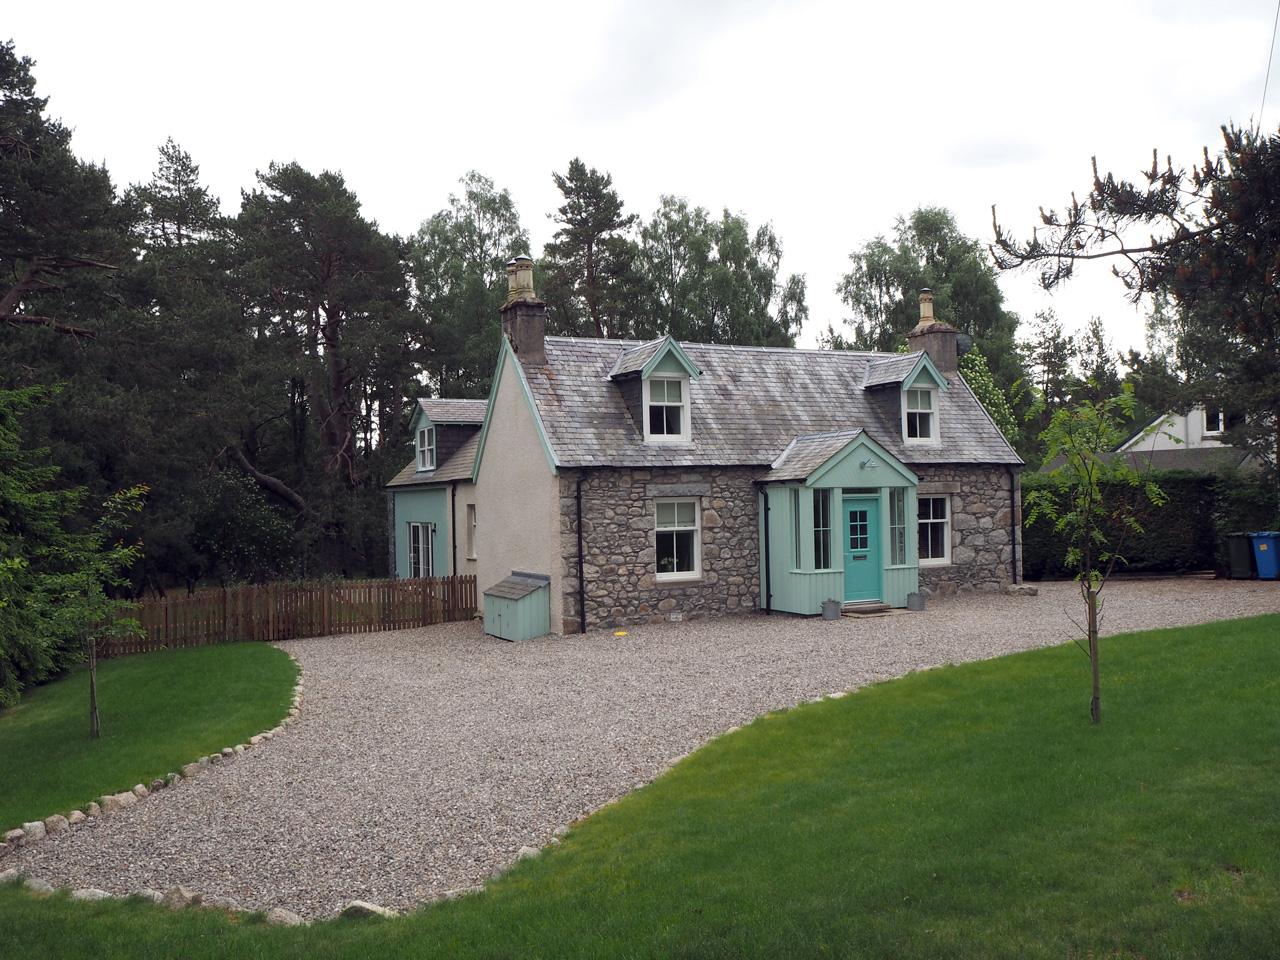 Duackbridge bestaat uit enkele huizen in het bos